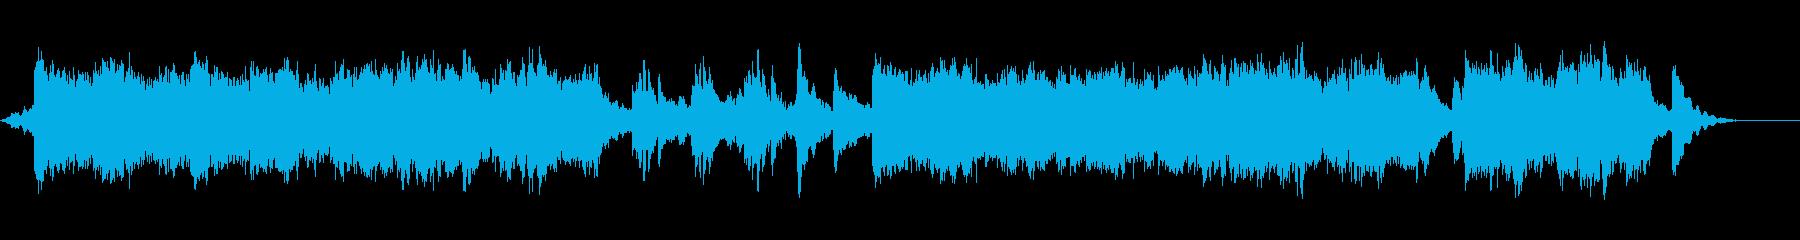 未来で淡々とした曲の再生済みの波形